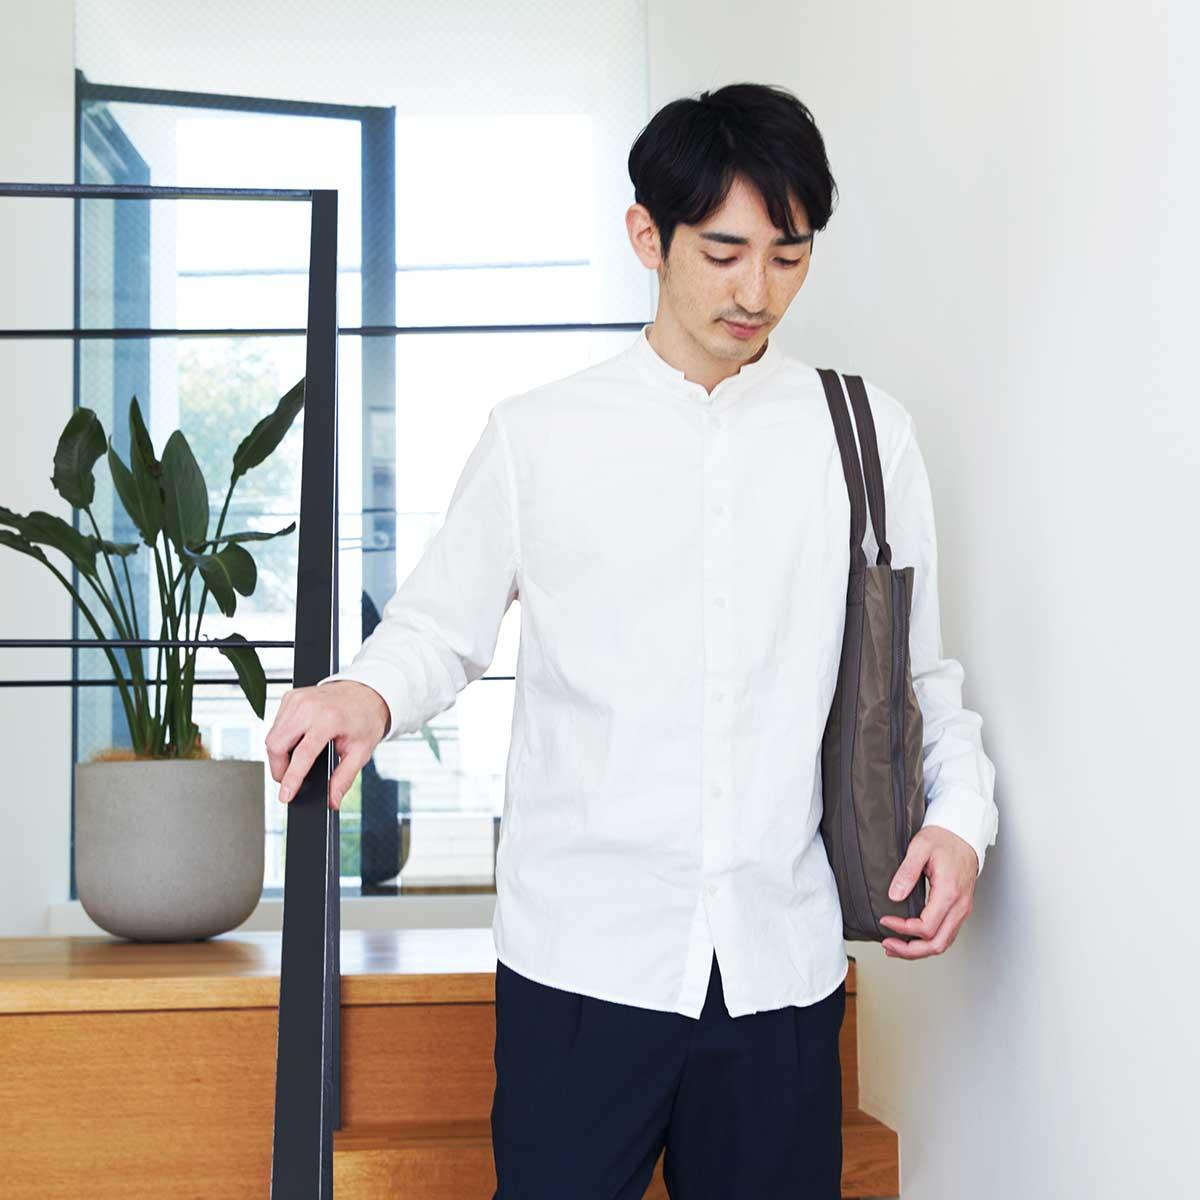 高機能でオシャレな2通り使えるバッグ。薄型トートバッグが大容量バッグに変身するバッグ|WARPトランスフォームジッパーバッグ